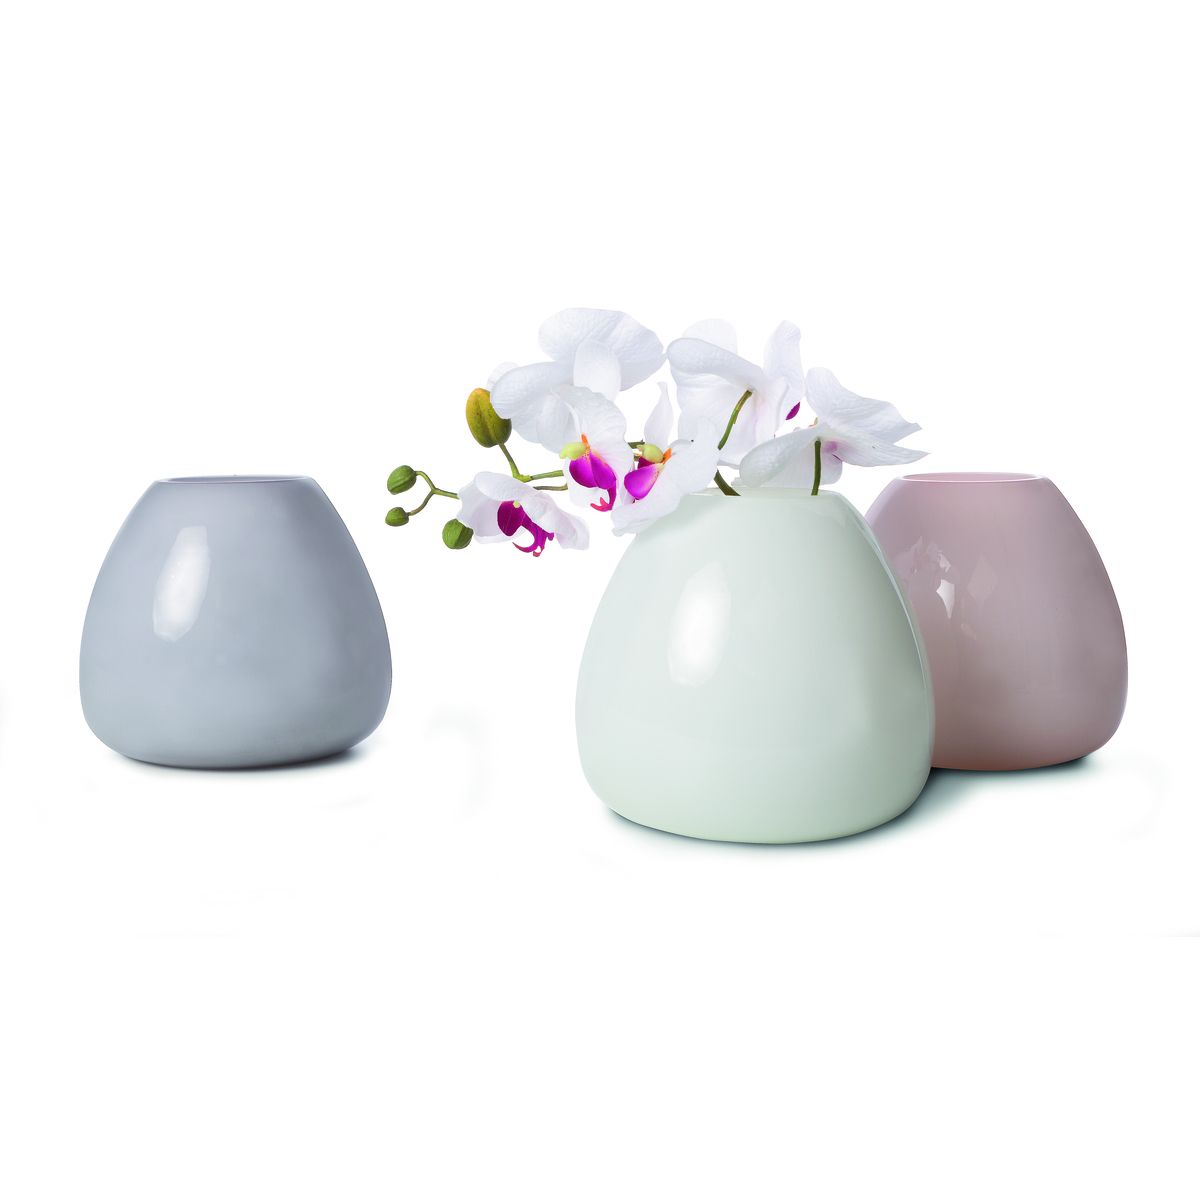 Vases Set of 3 Kmart Nursery Pinterest